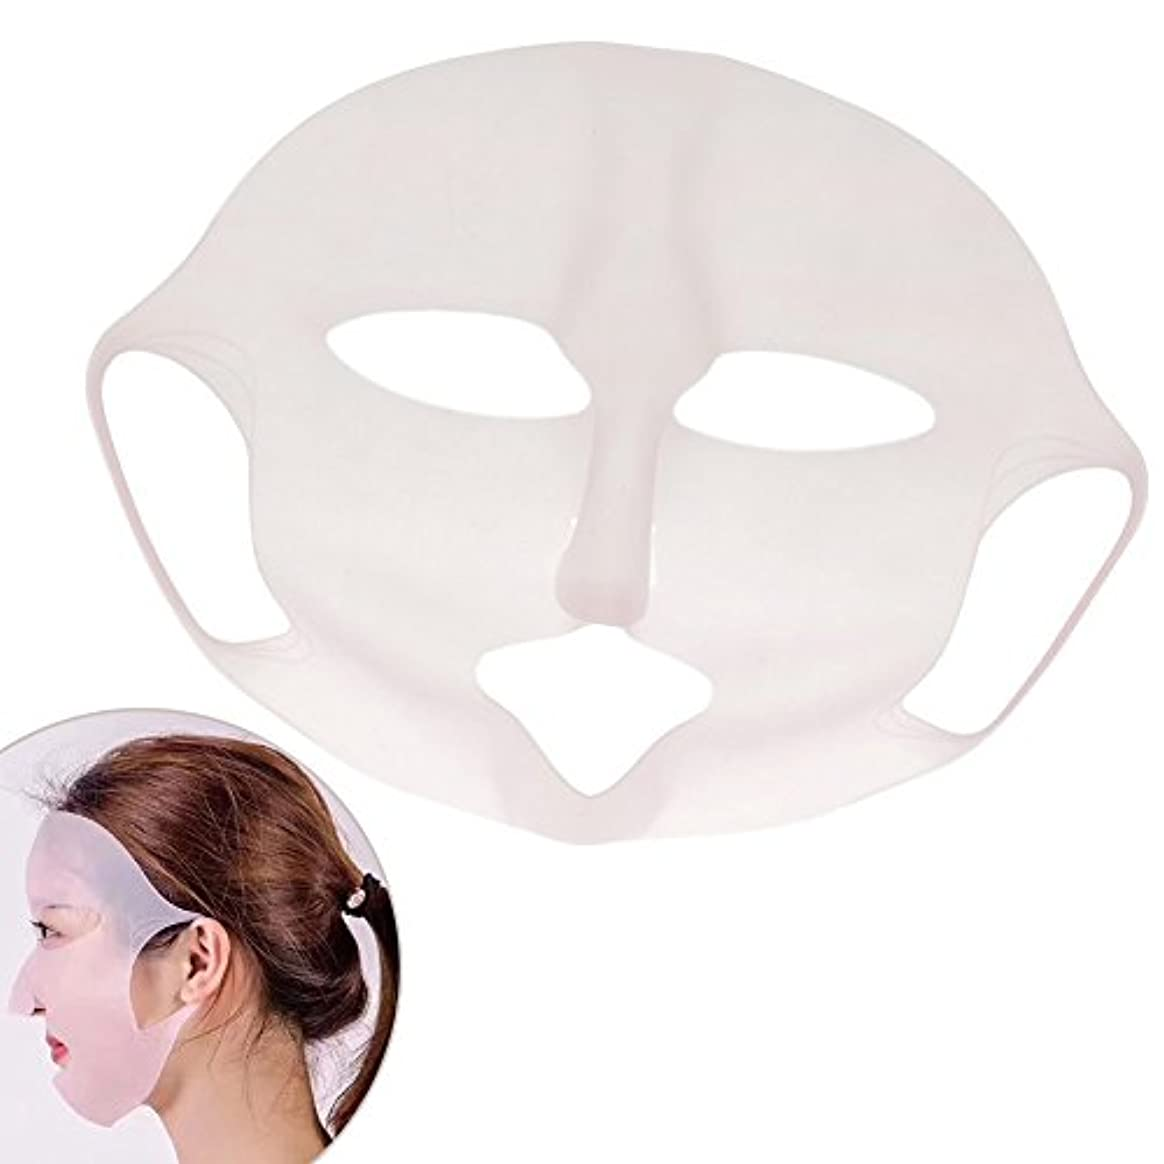 名前を作る起きる安定したフェイスパックカバー シリコンマスク フェイスマスク 美容液 防蒸発 保湿 便利なグッズ 吸収 3枚入り 21cm